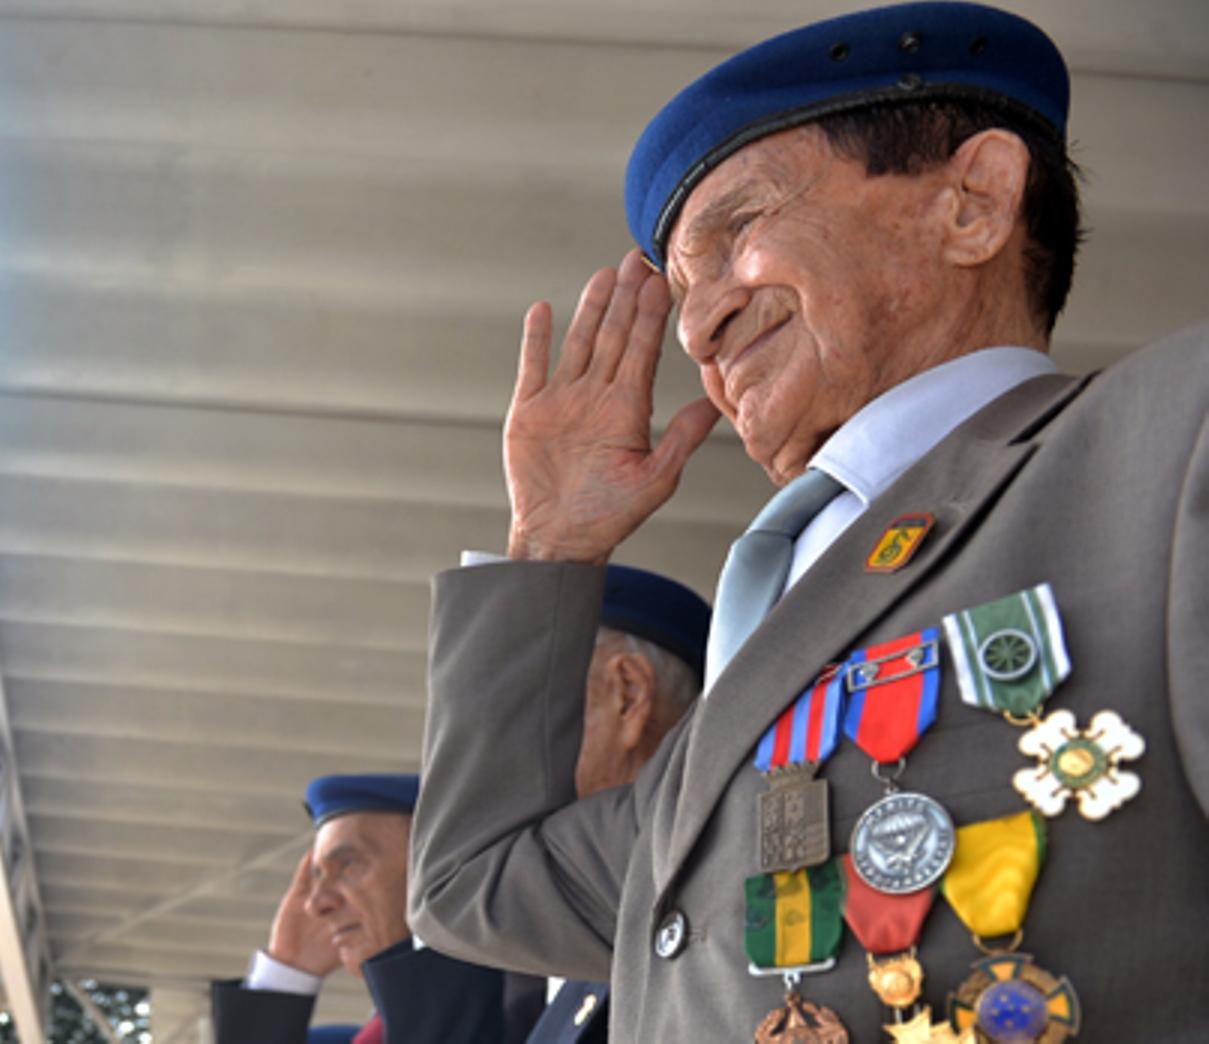 Brazil Celebrates 70th Anniversary of the Battle of Monte Castello